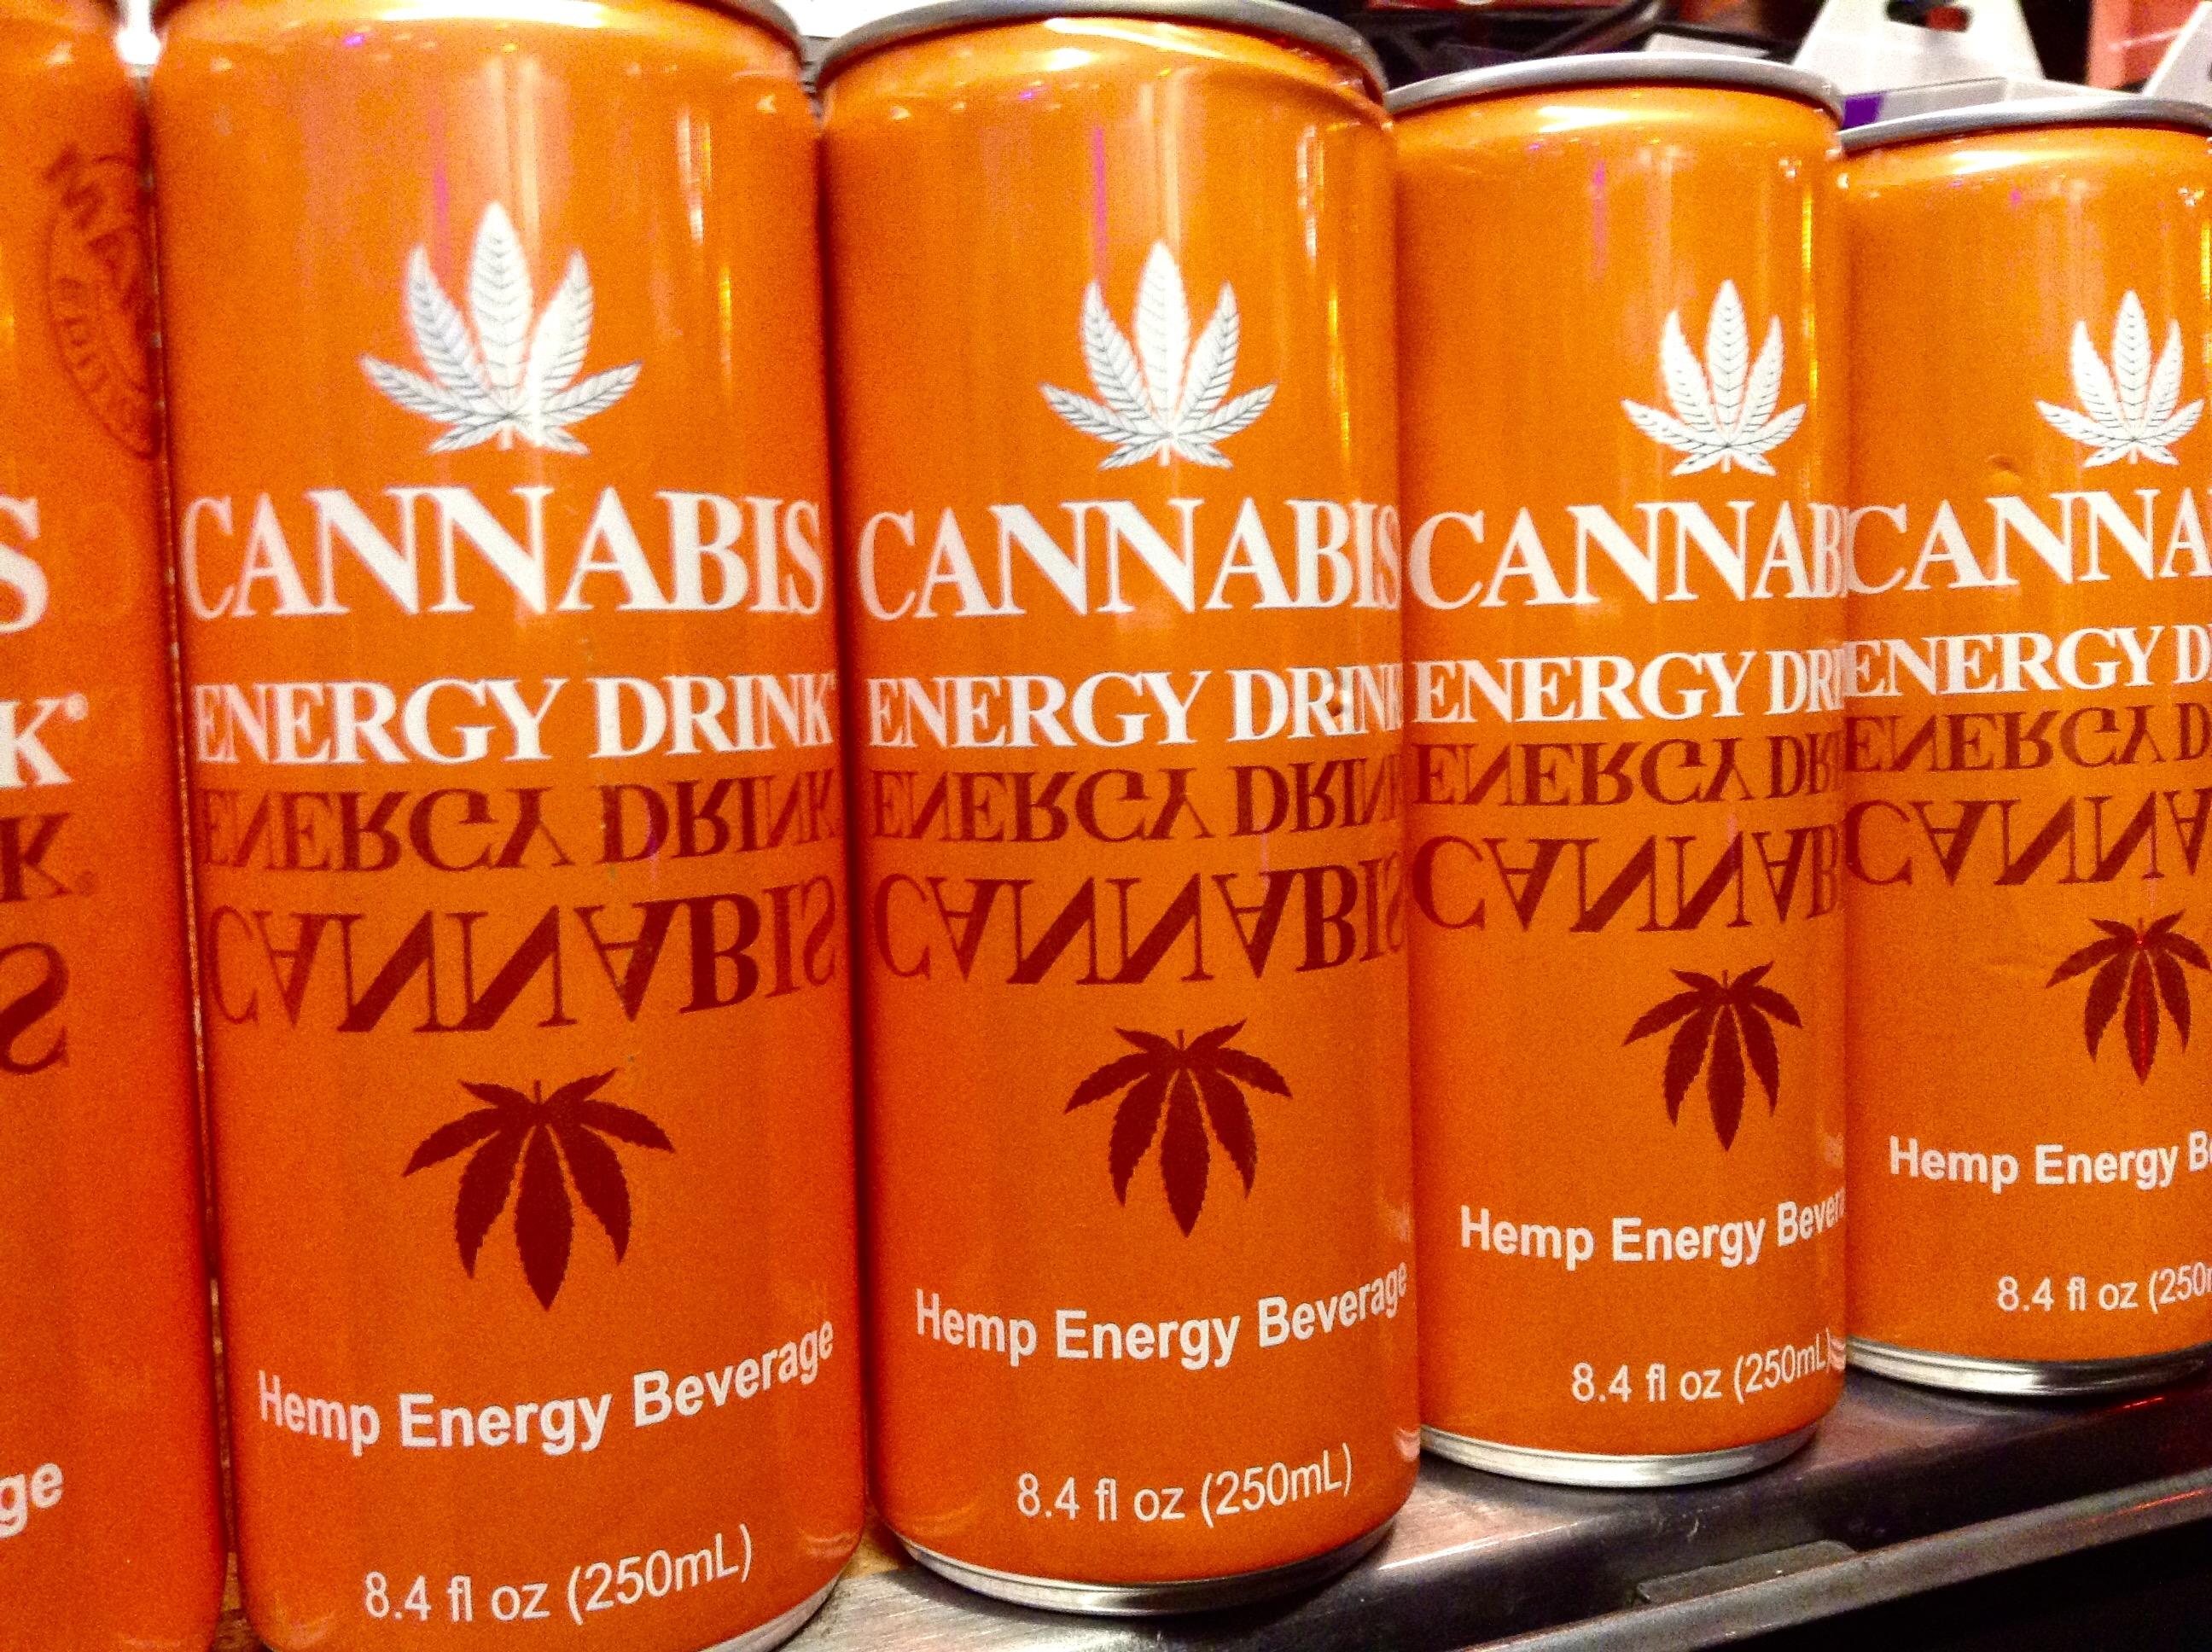 Orange farbene Dosen mit einem Cannabis Energy Drink im Regal stehend